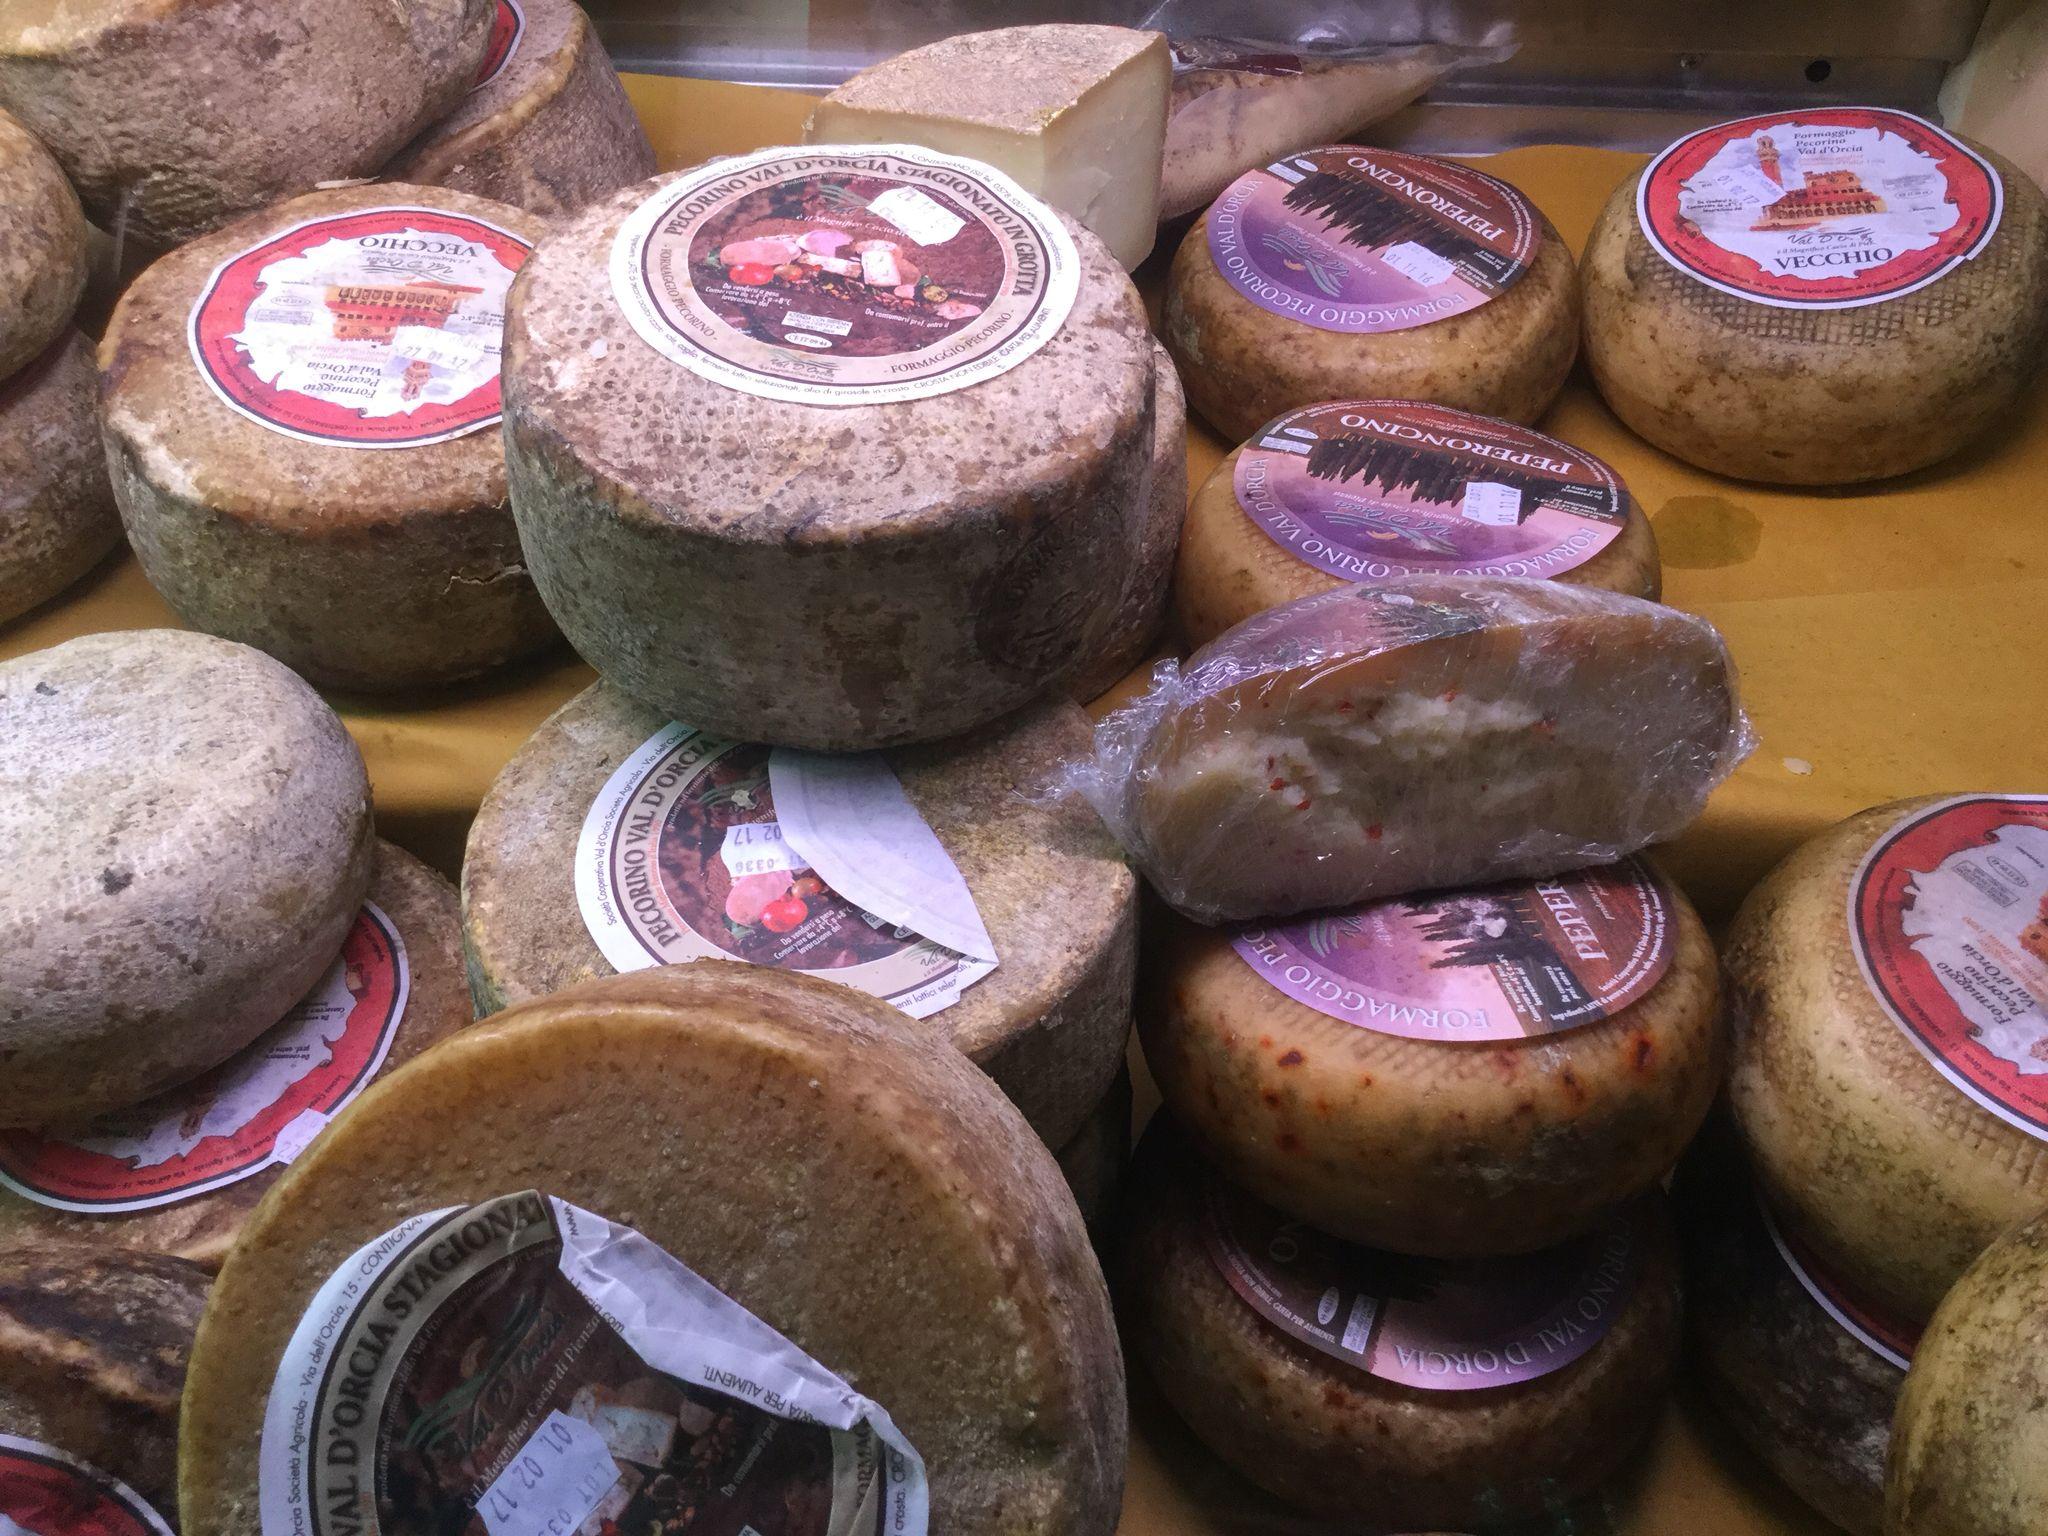 Umbria cheese